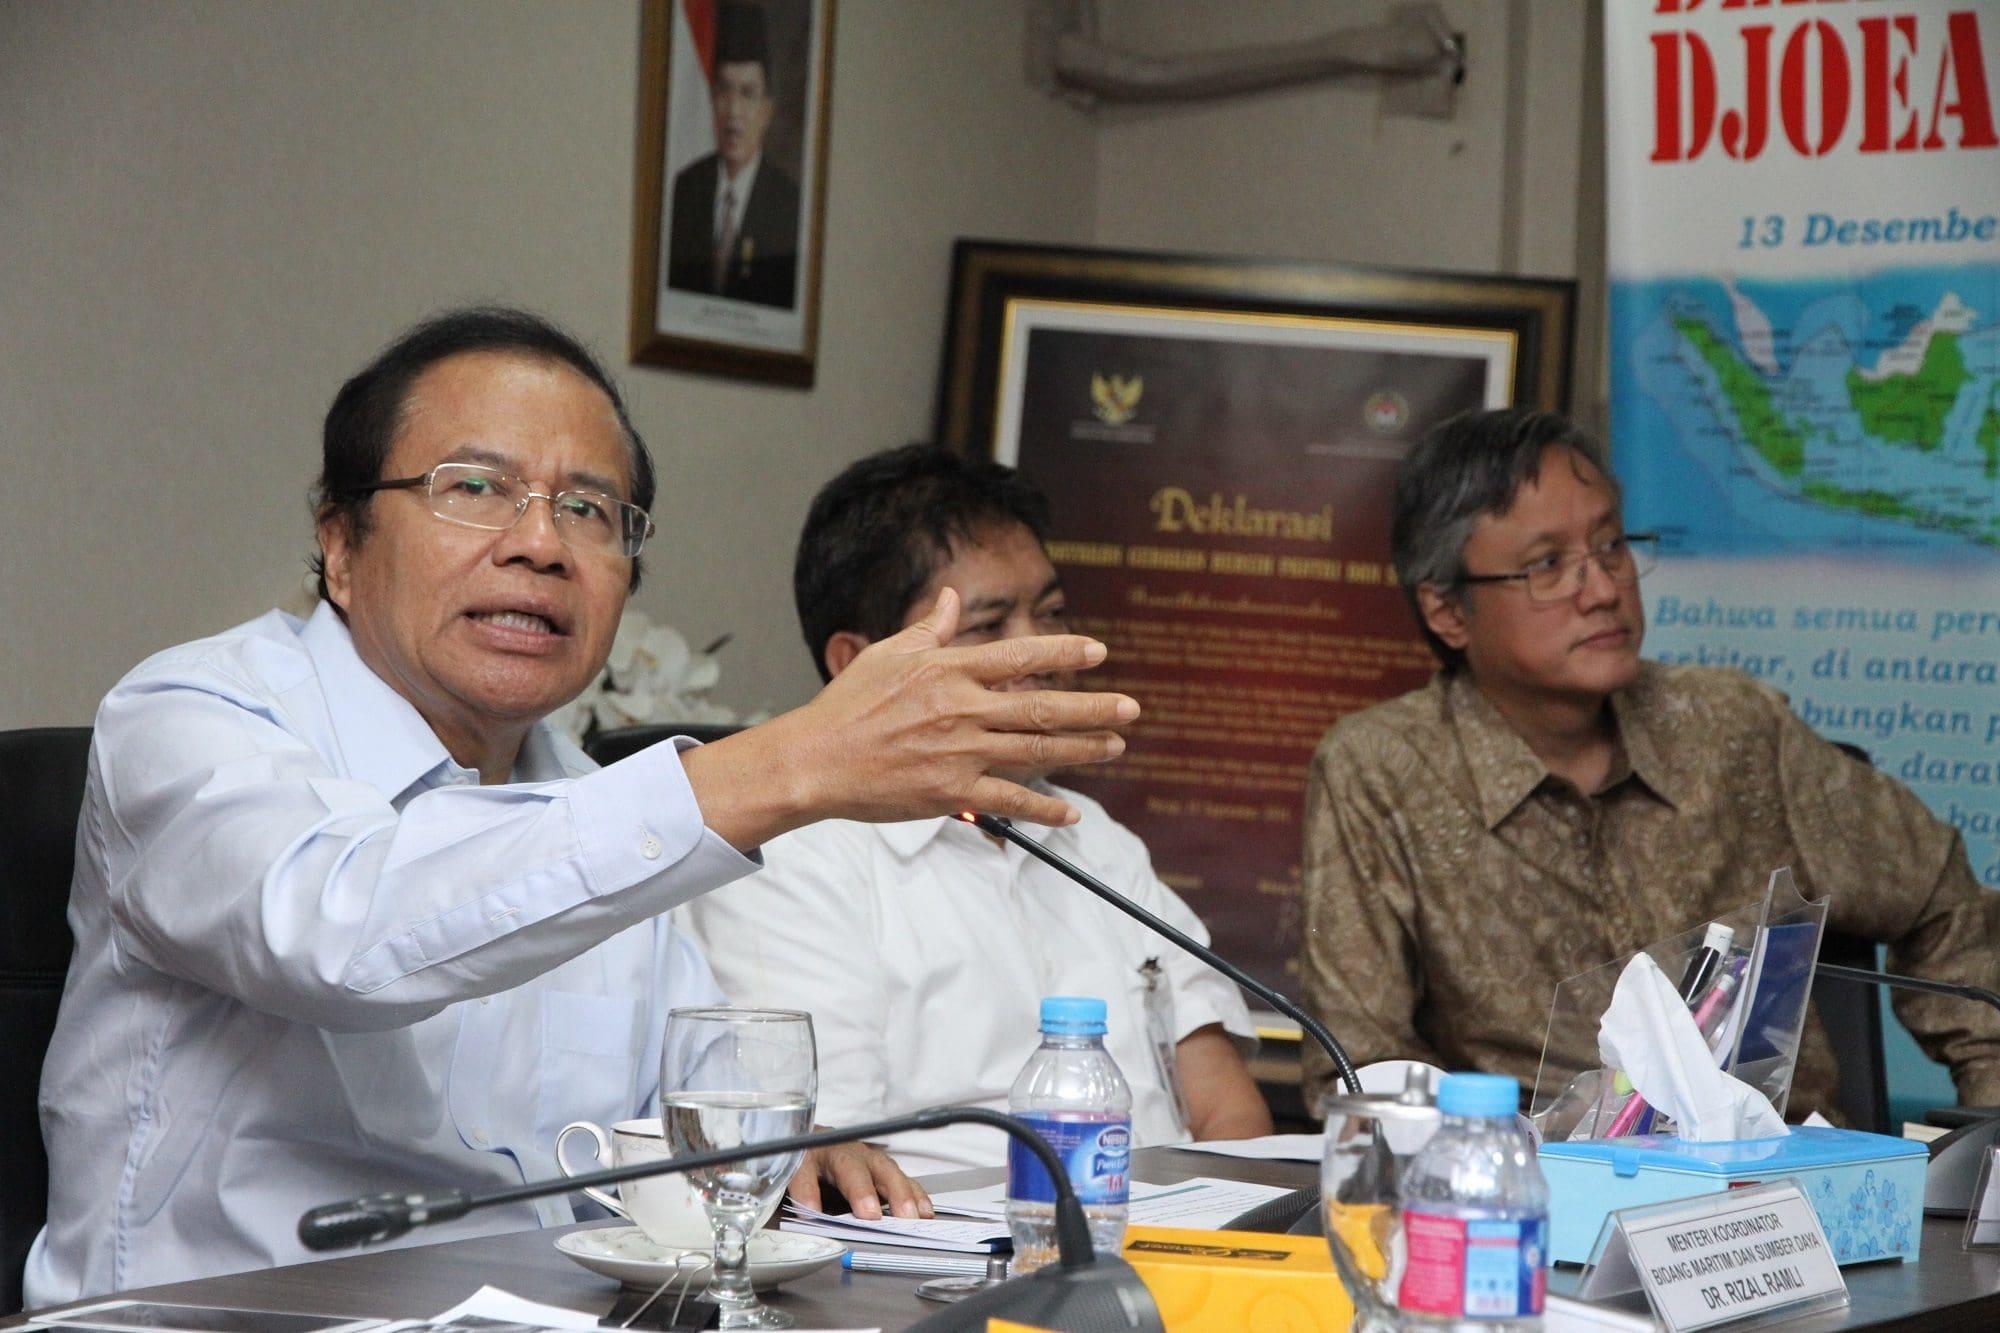 Menko RR: Presiden Minta Negara Atur Reklamasi, Bukan Kepentingan Pribadi